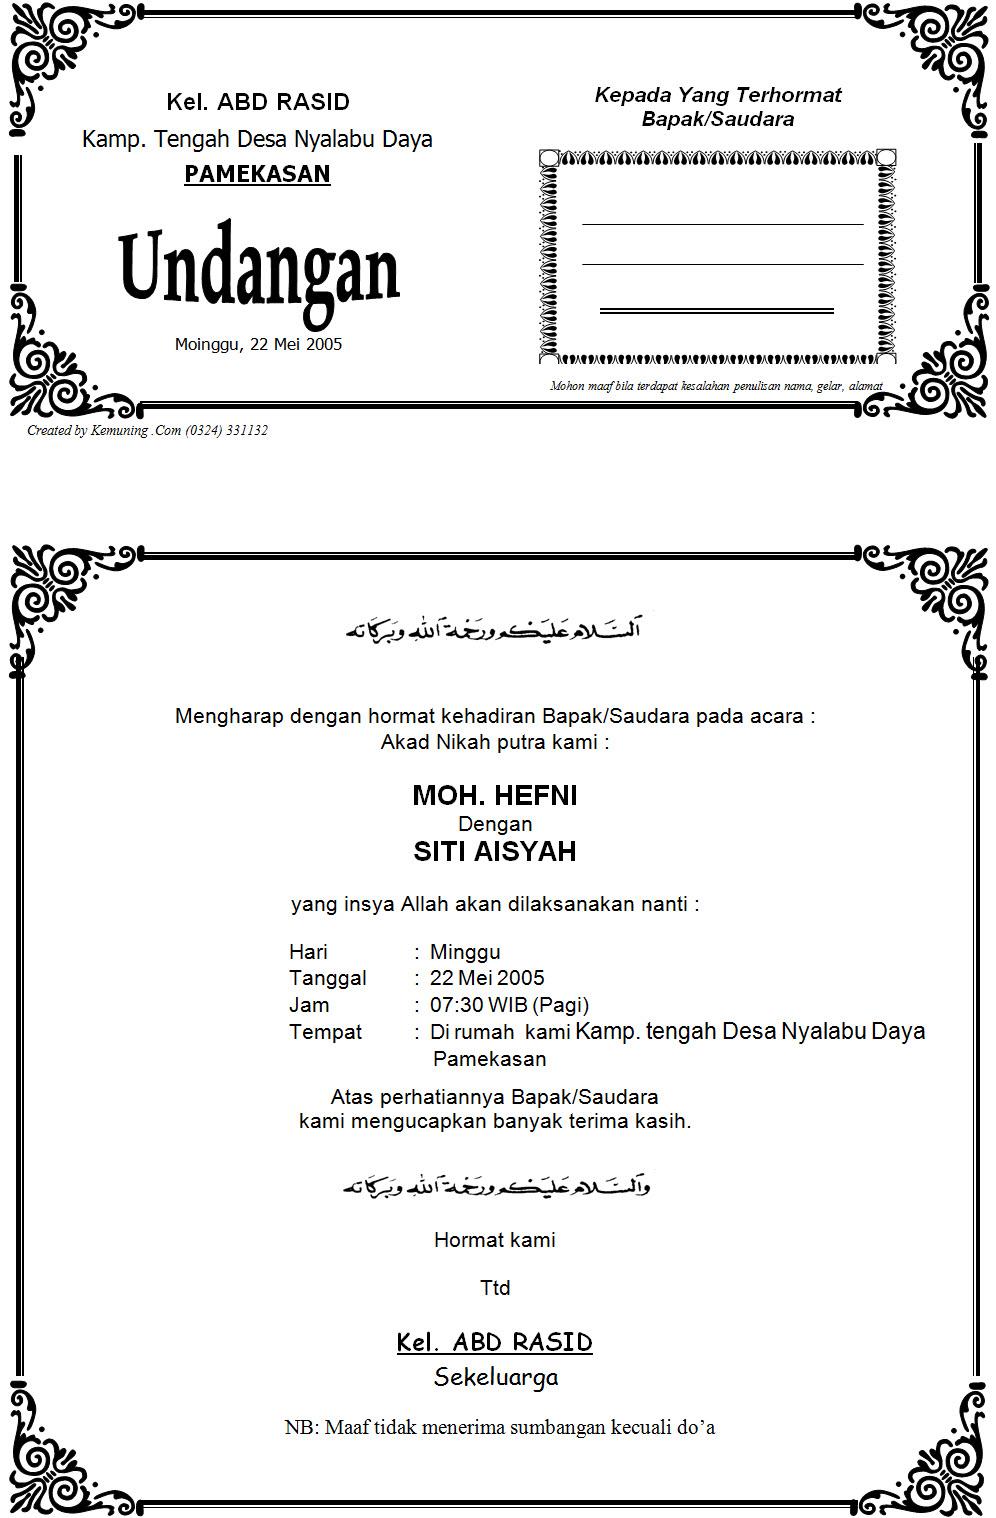 Contoh Format Undangan Pernikahan.doc - Contoh Isi Undangan